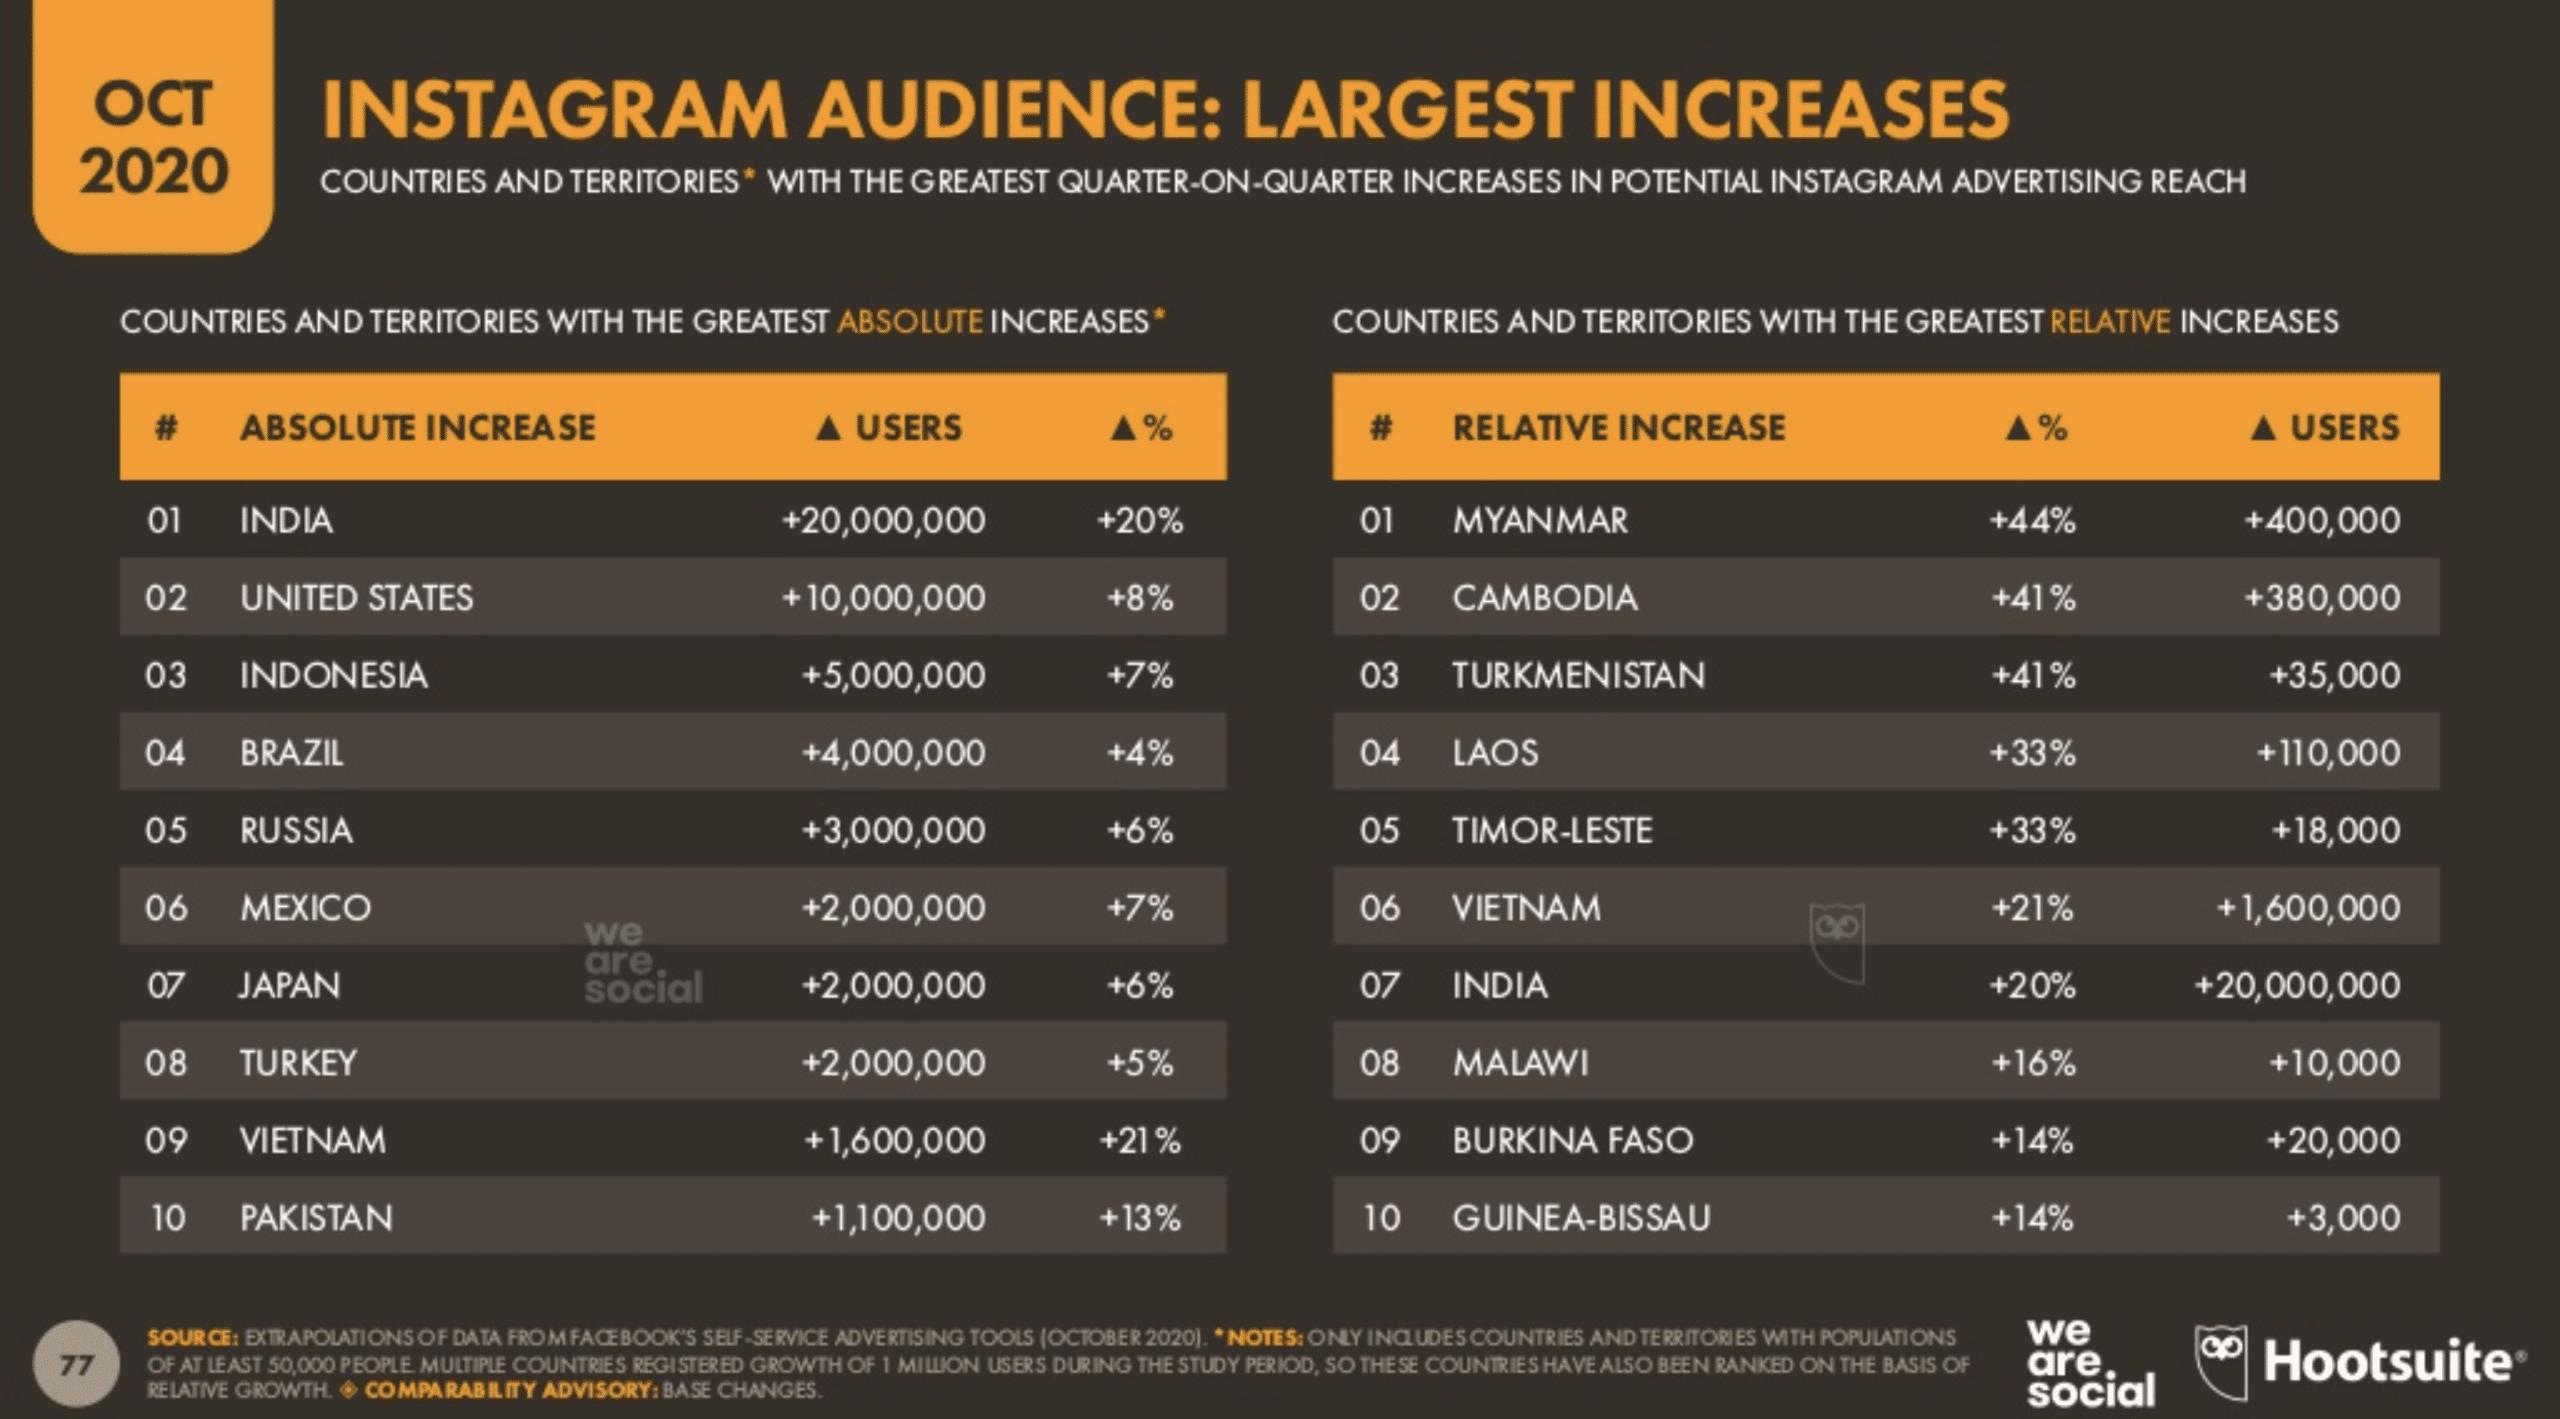 Аудитории Instagram с наибольшим увеличением охвата рекламы